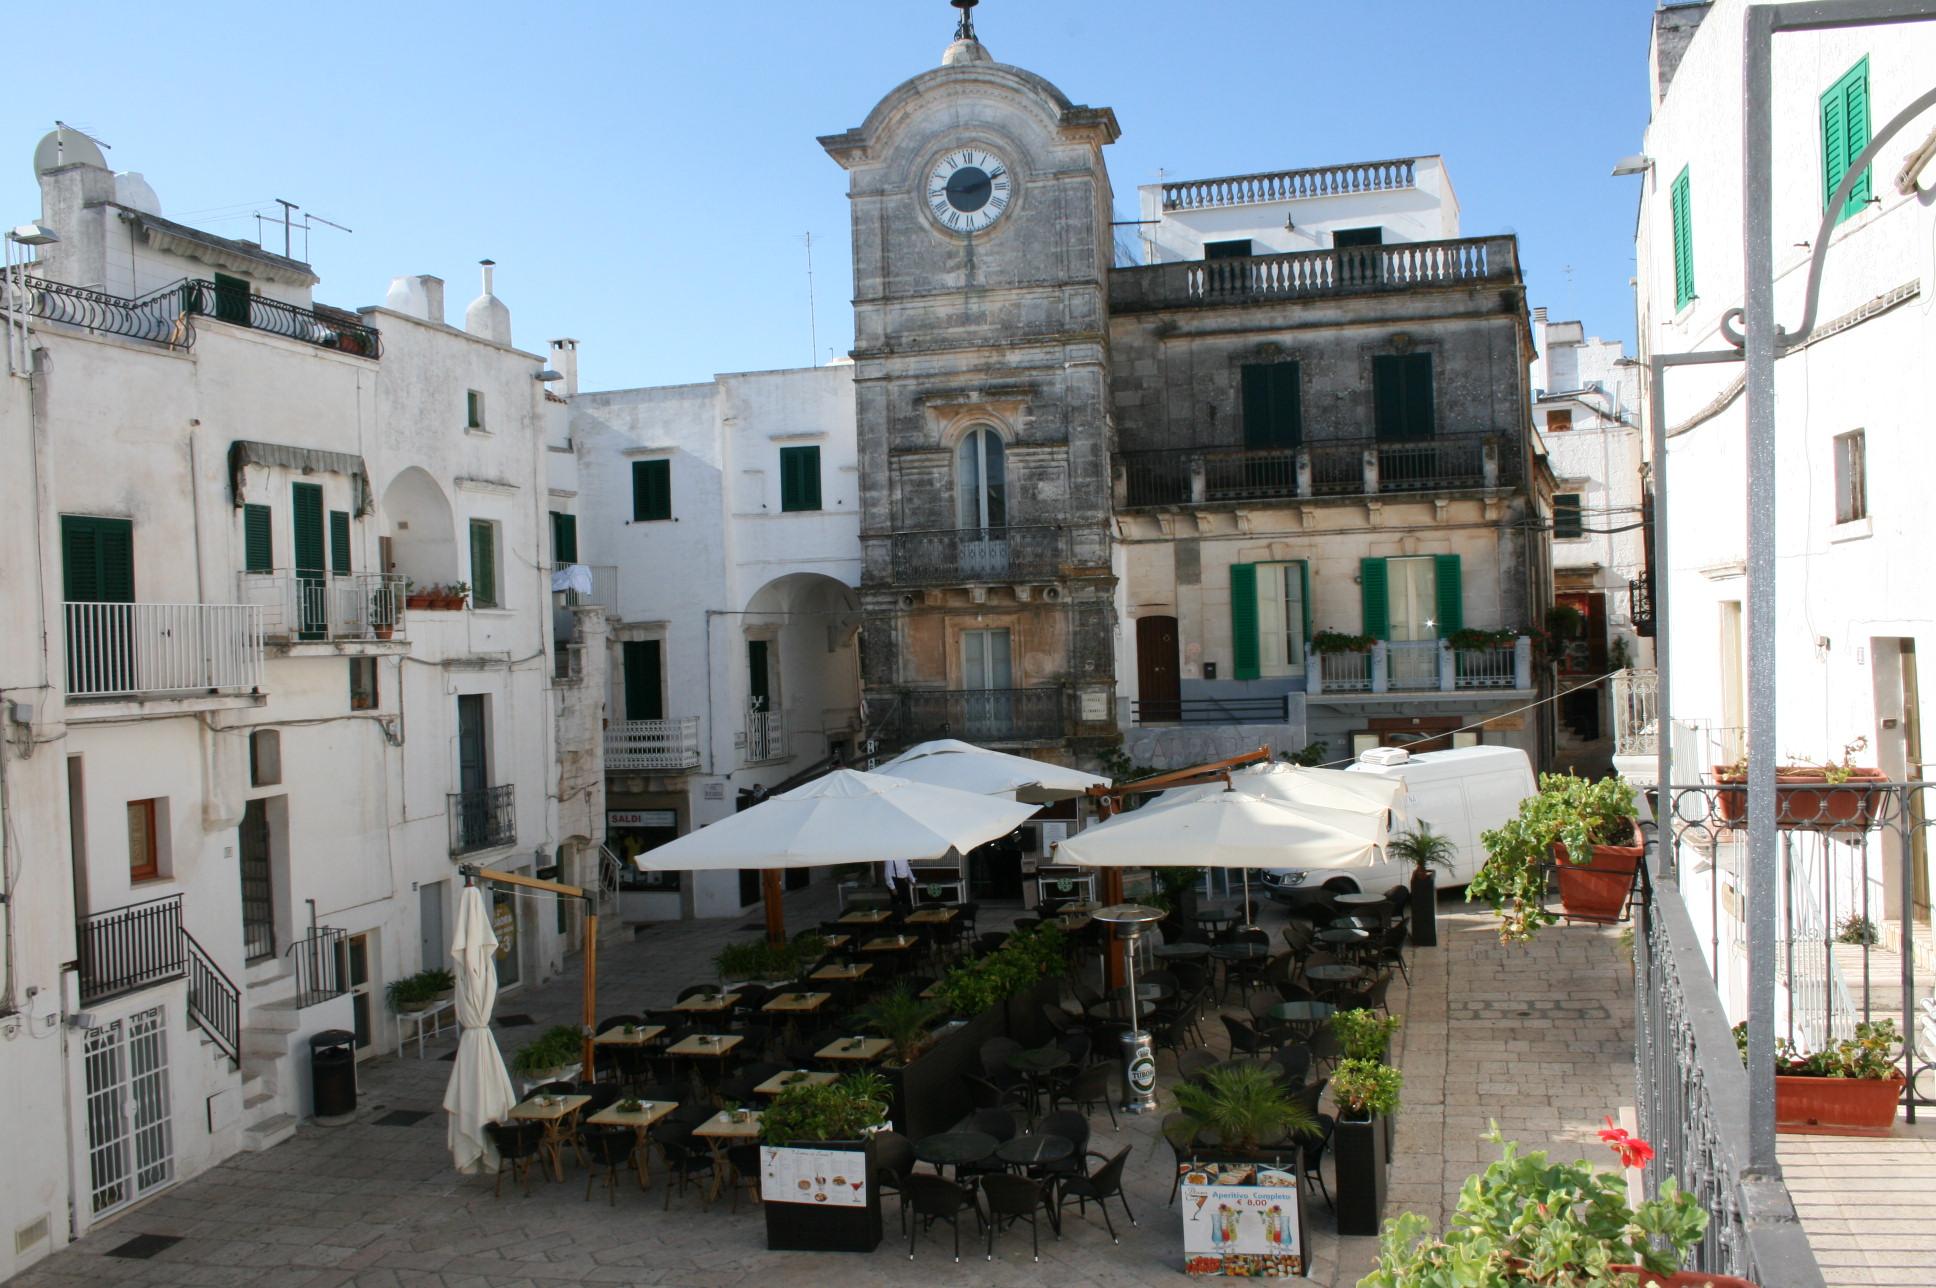 Ferienwohnungen in Apulien